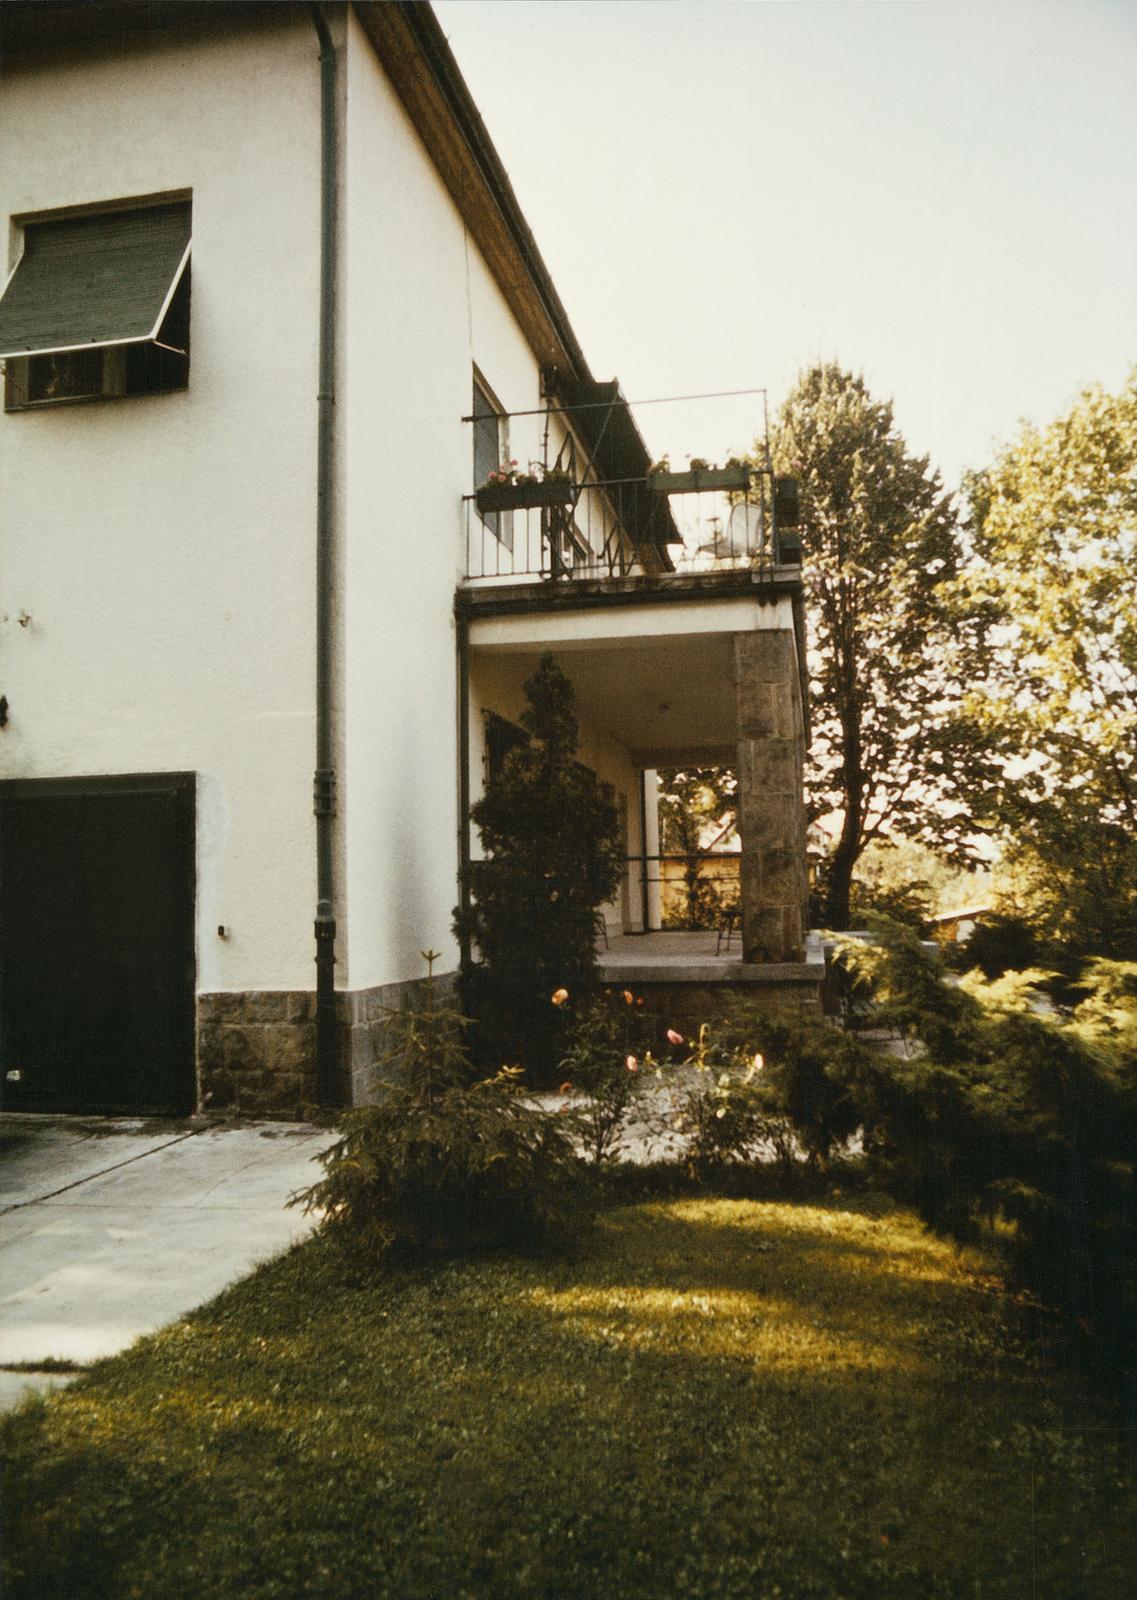 Budapest - Executive Level Position Residence - 1976